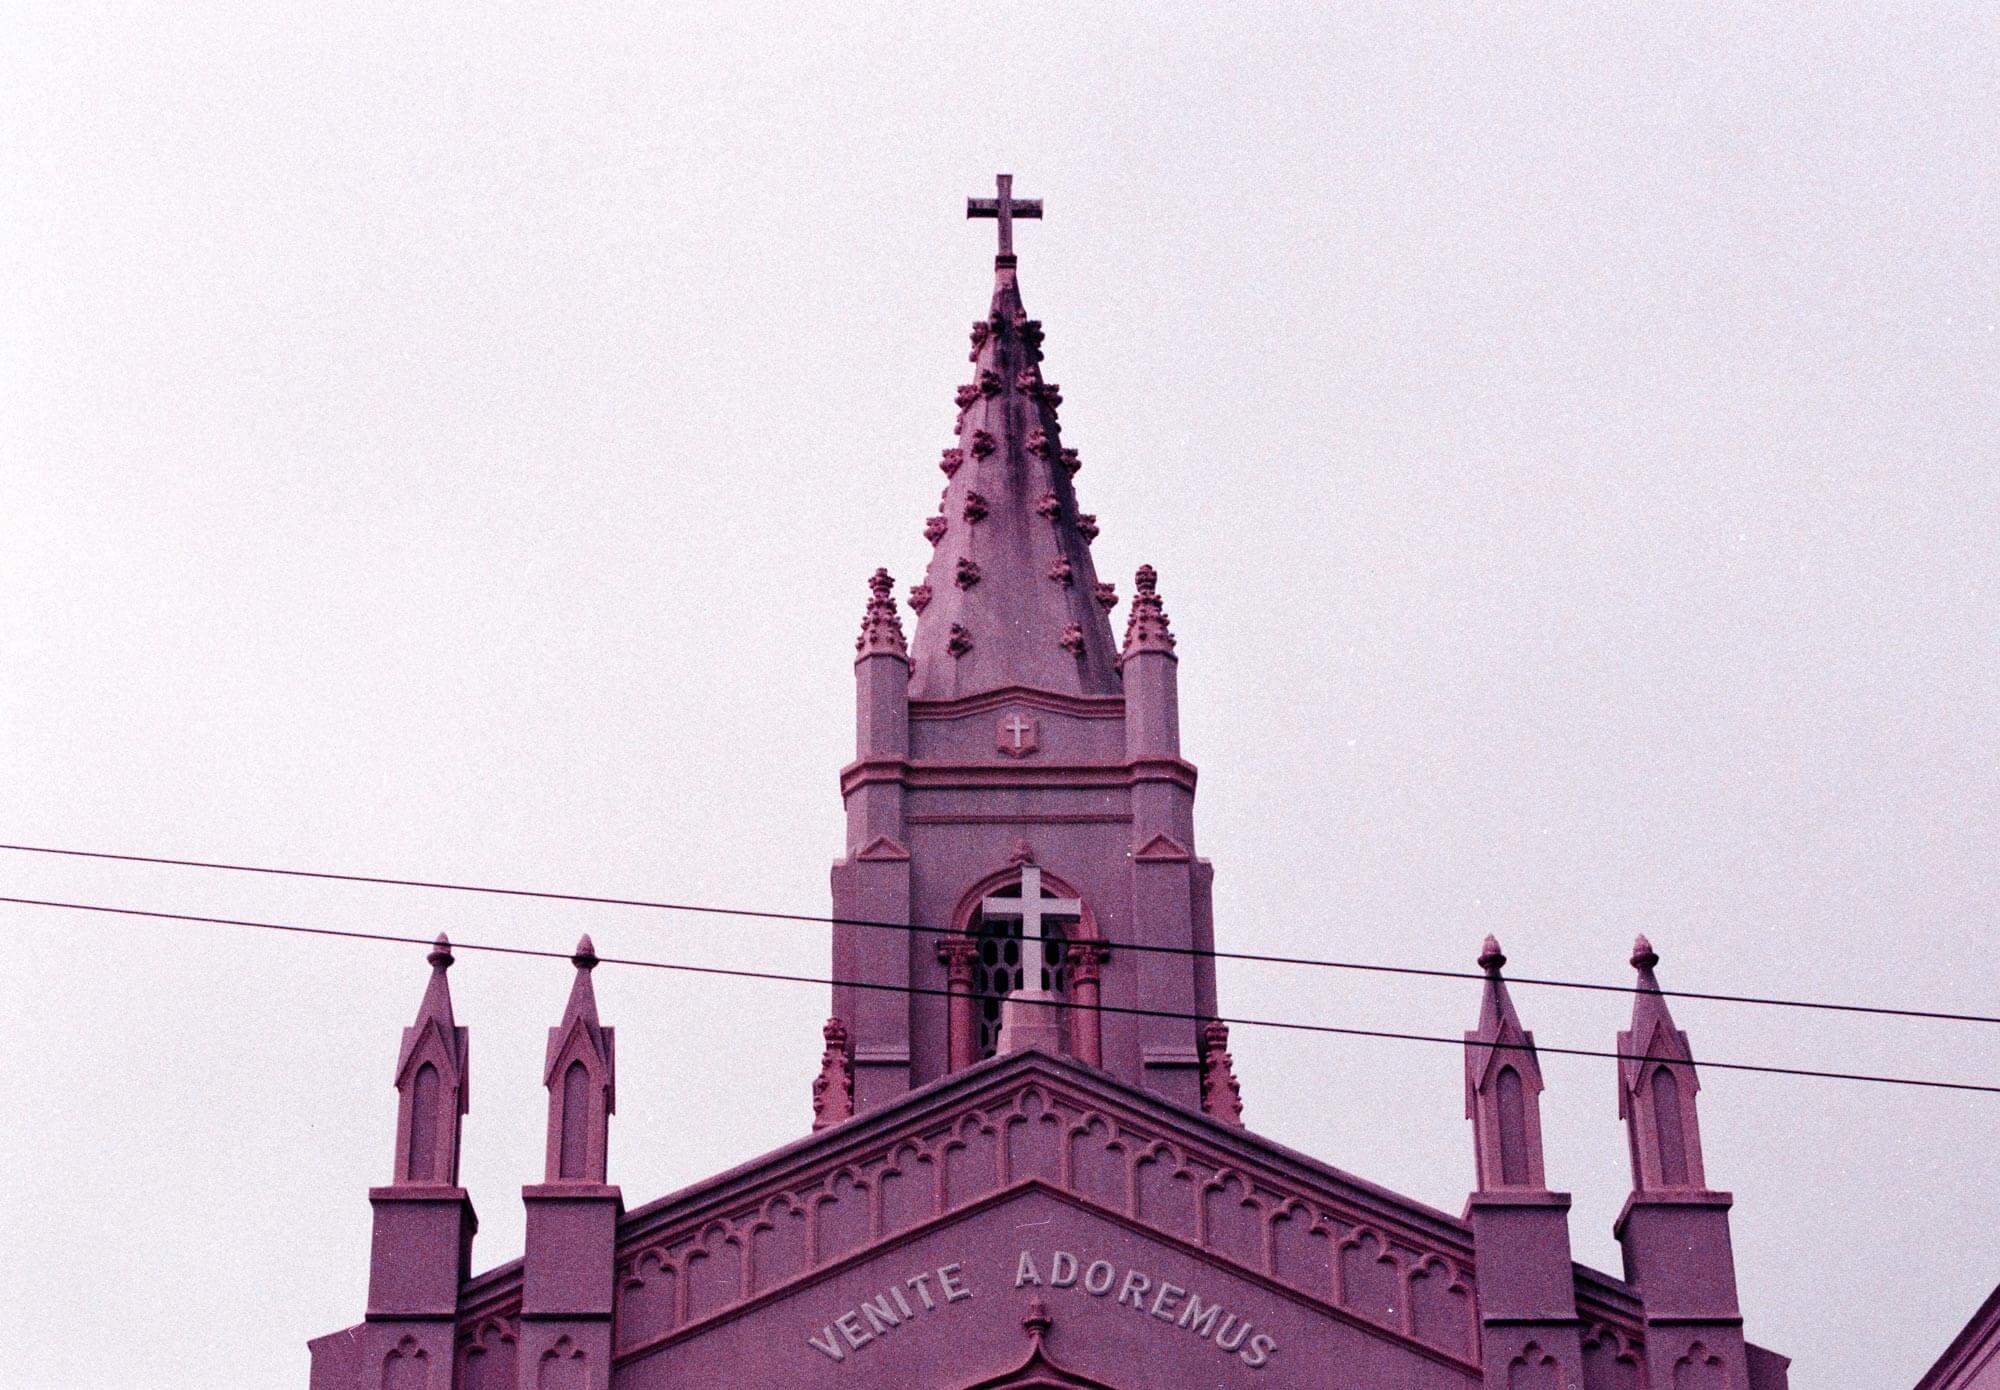 Pinkish Church on Ashbury